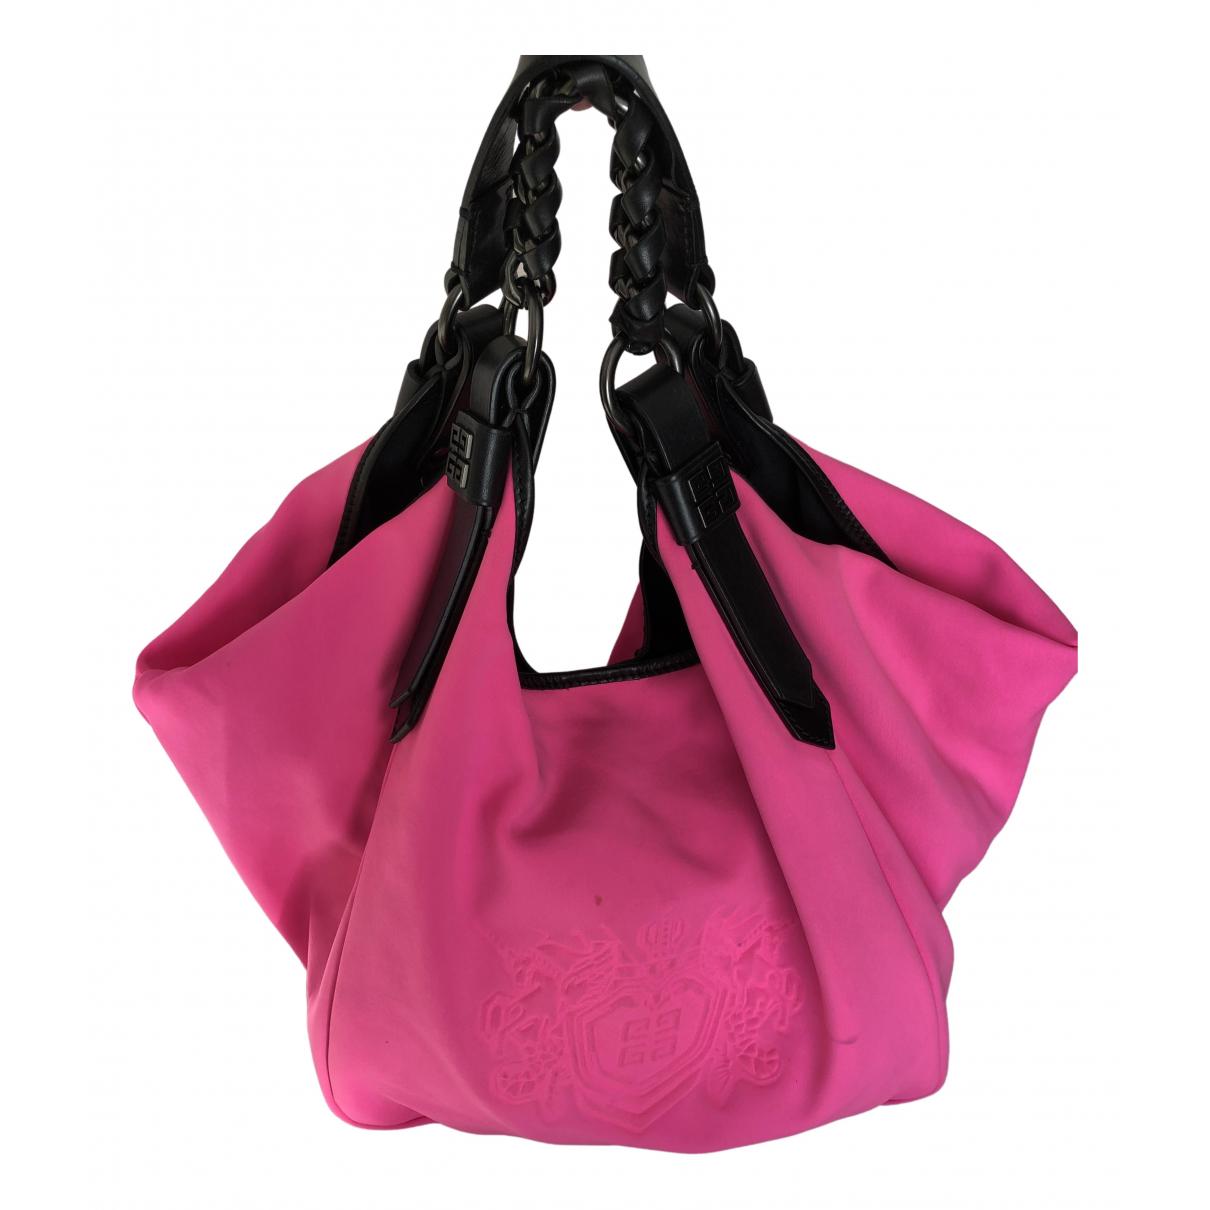 Givenchy \N Handtasche in  Rosa Leinen